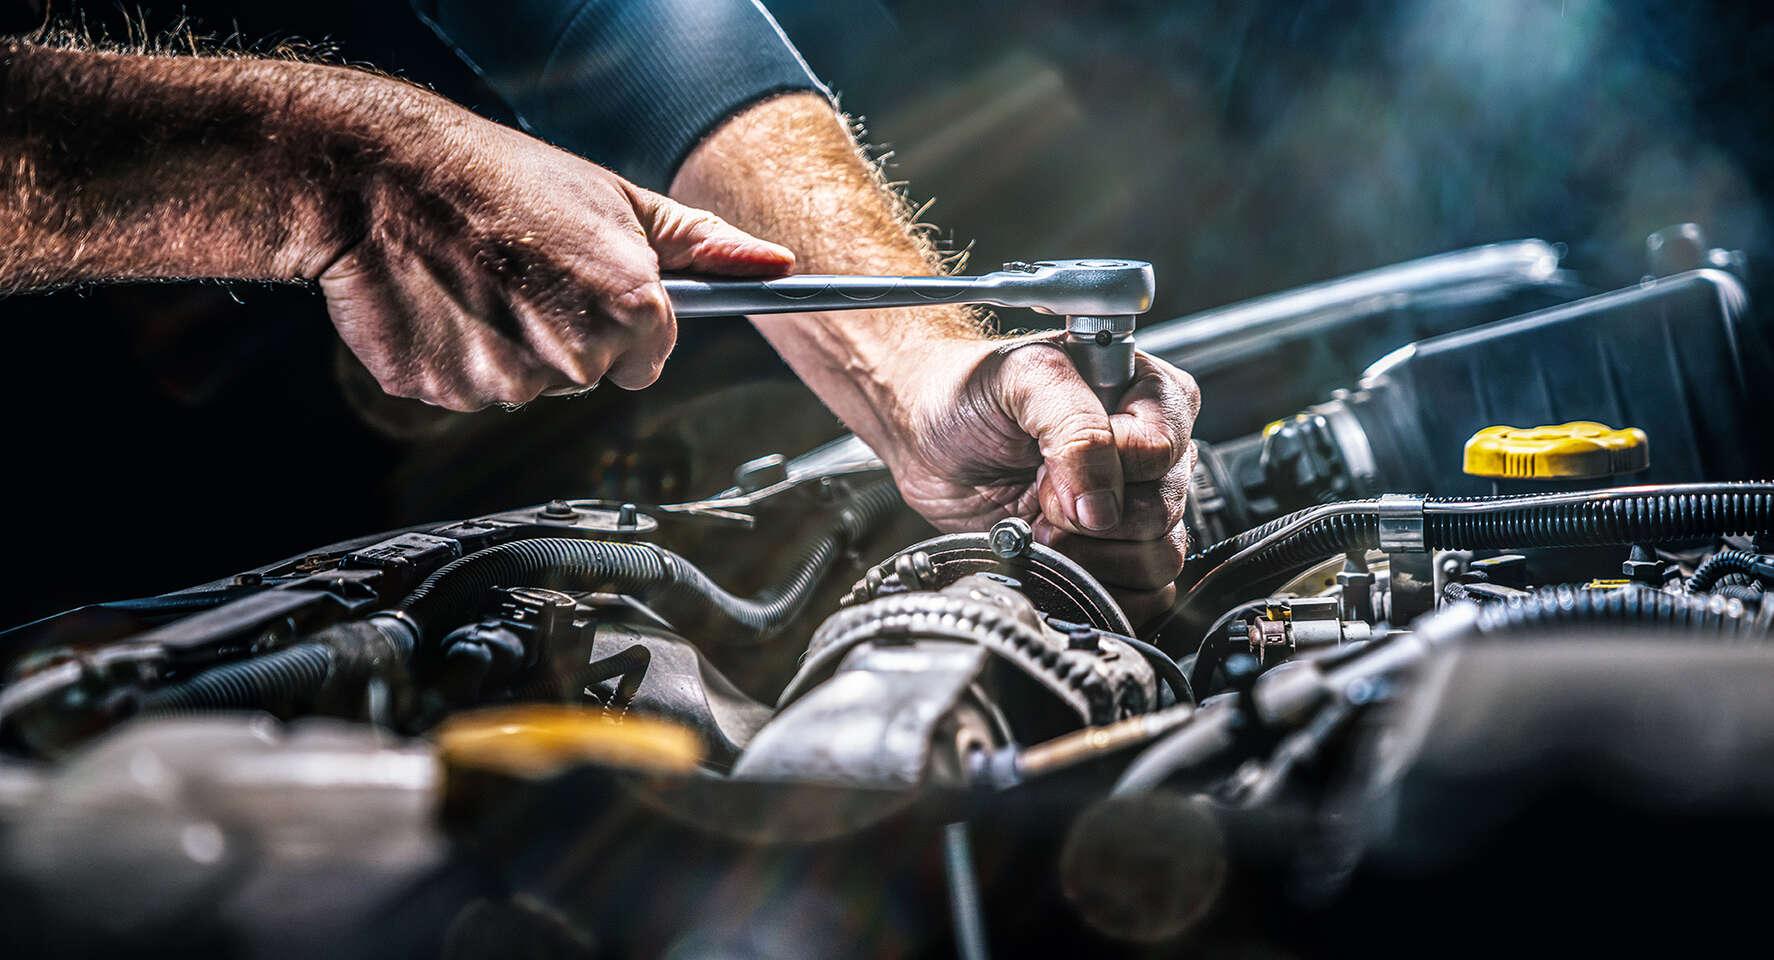 Dekarbonizácia motora - predlžuje životnosť, zvyšuje výkon a zn...